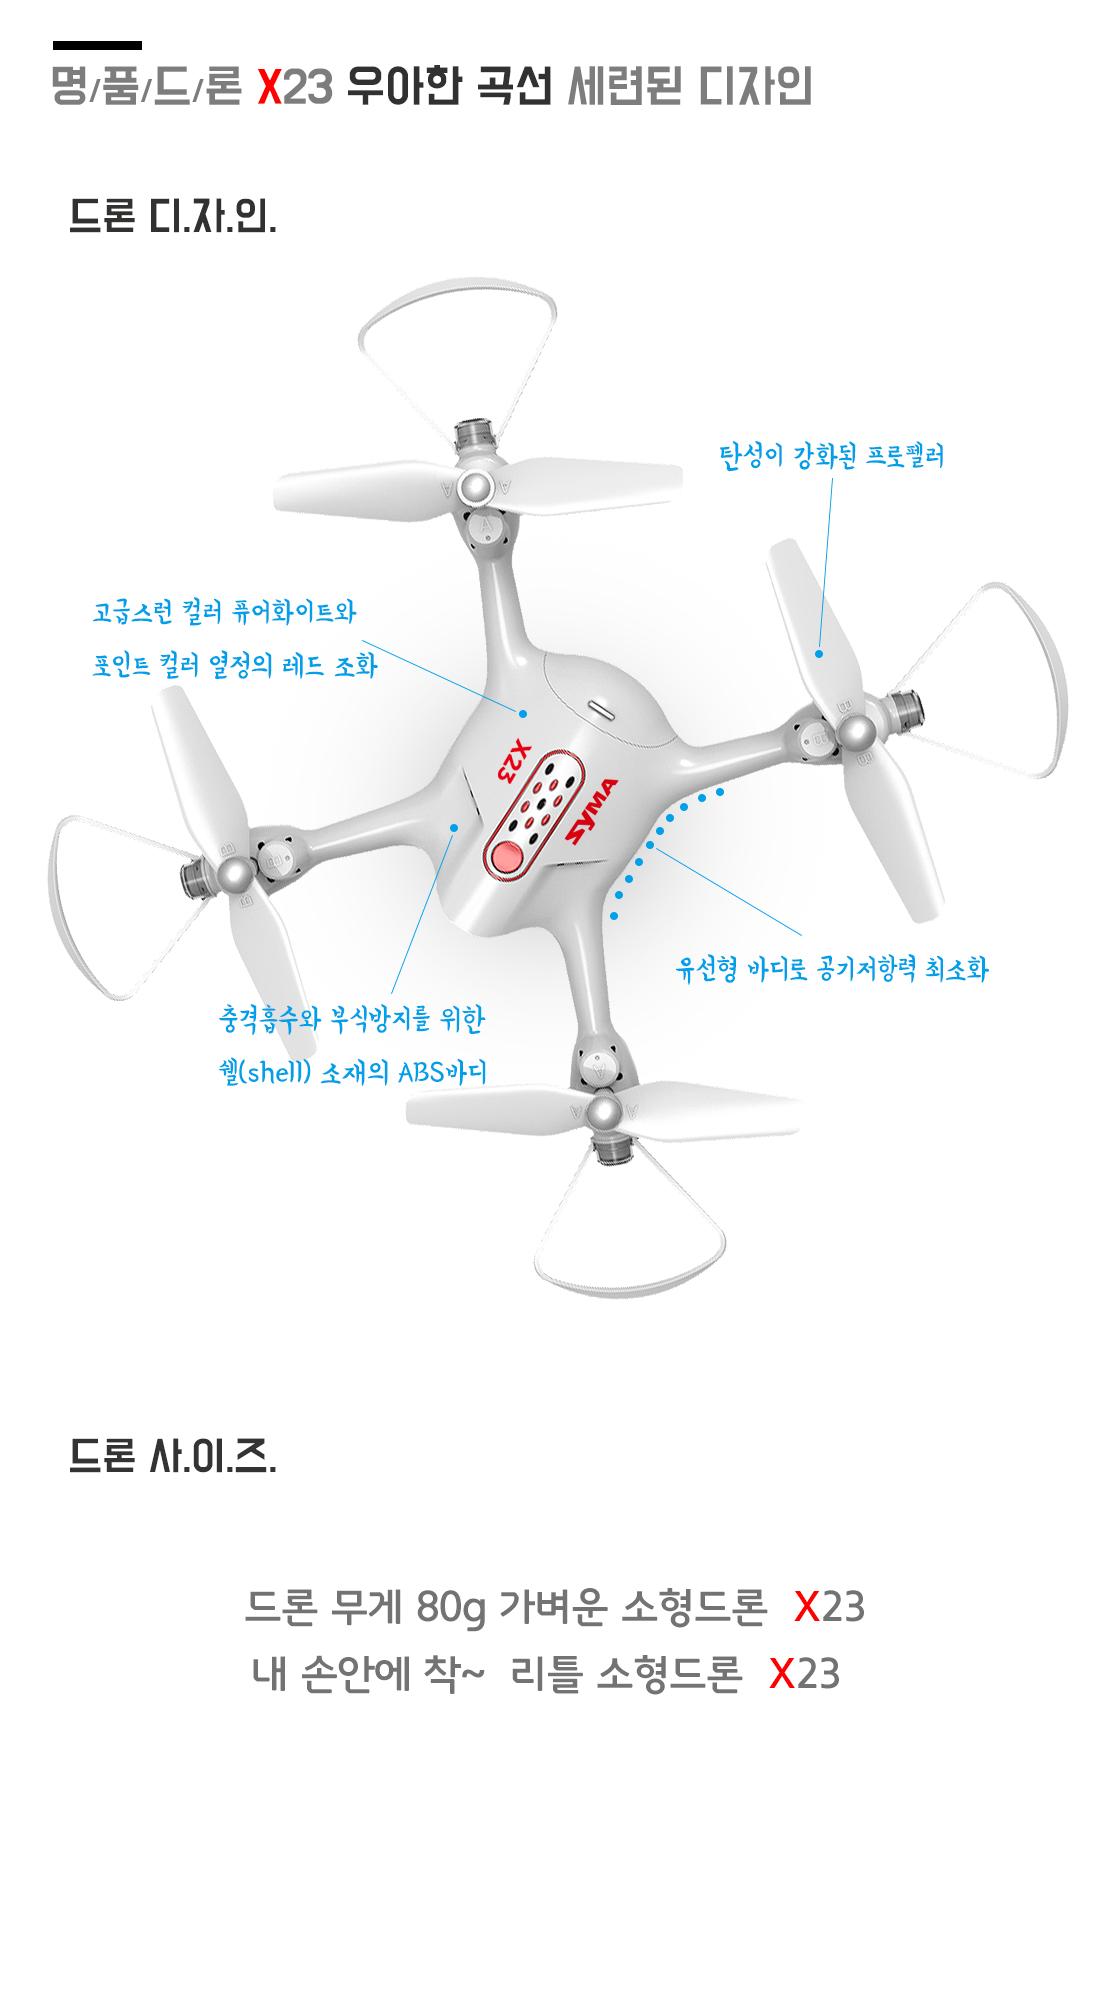 X23 입문 미니언드론 자동고도유지 3D플립비행 원키이착륙 헤드리스 스피드조절 - 월드스카이, 70,000원, R/C 드론/쿼드콥터, 드론